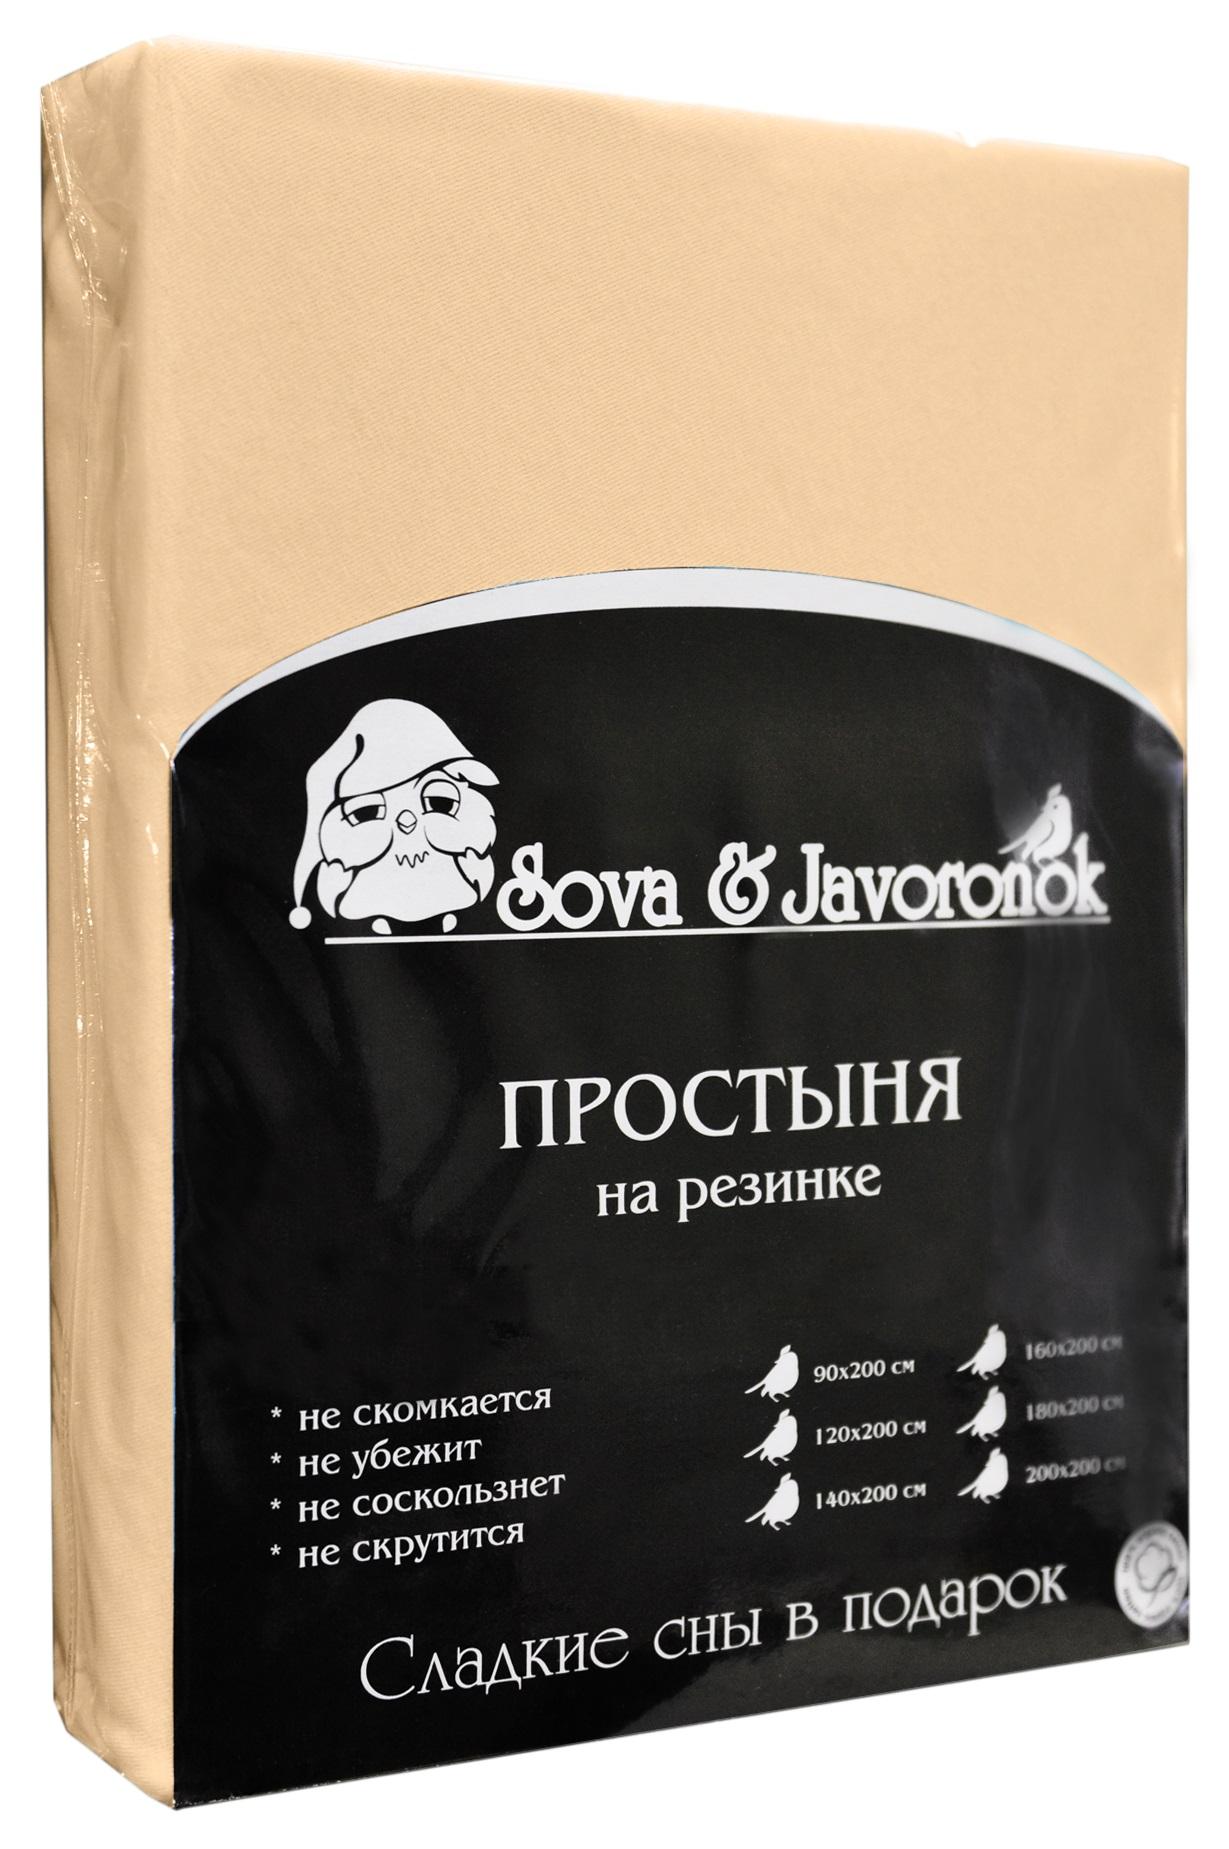 Простыня на резинке Sova & Javoronok, цвет: светло-бежевый, 140 х 200 смES-412Простыня на резинке Sova & Javoronok, изготовленная из трикотажной ткани (100% хлопок), будет превосходно смотреться с любыми комплектами белья. Хлопчатобумажный трикотаж по праву считается одним из самых качественных, прочных и при этом приятных на ощупь. Его гигиеничность позволяет использовать простыню и в детских комнатах, к тому же 100%-ый хлопок в составе ткани не вызовет аллергии. У трикотажного полотна очень интересная структура, немного рыхлая за счет отсутствия плотного переплетения нитей и наличия особых петель, благодаря этому простыня Сова и Жаворонок отлично пропускает воздух и способствует его постоянной циркуляции. Поэтому ваша постель будет всегда оставаться свежей. Но главное и, пожалуй, самое известное свойство трикотажа - это его великолепная растяжимость, поэтому эта ткань и была выбрана для натяжной простыни на резинке.Простыня прошита резинкой по всему периметру, что обеспечивает более комфортный отдых, так как она прочно удерживается на матрасе и избавляет от необходимости часто поправлять простыню.